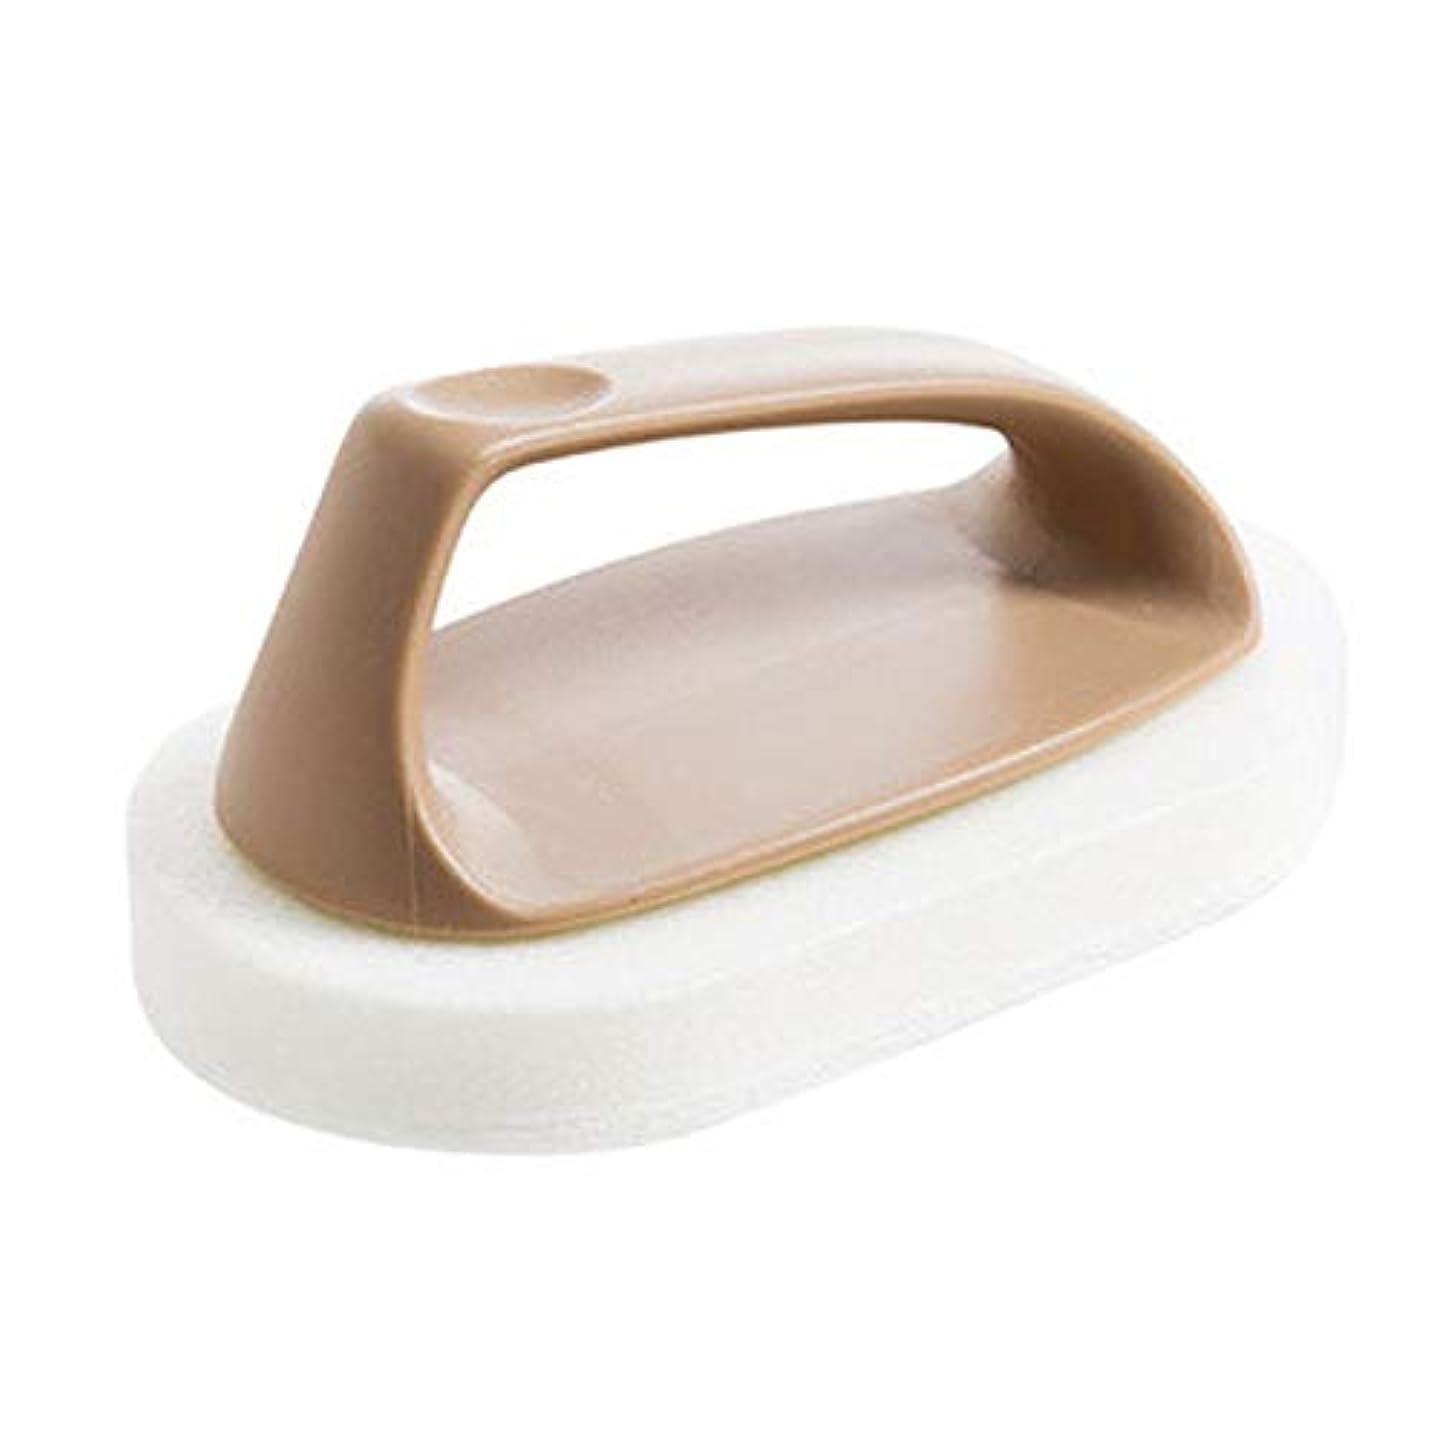 カウボーイ退院計器ポアクリーニング スポンジバスバスルーム強力な汚染除去タイルキッチンウォッシュポットクリーニングブラシストーブスポンジ2 PC マッサージブラシ (色 : 褐色)